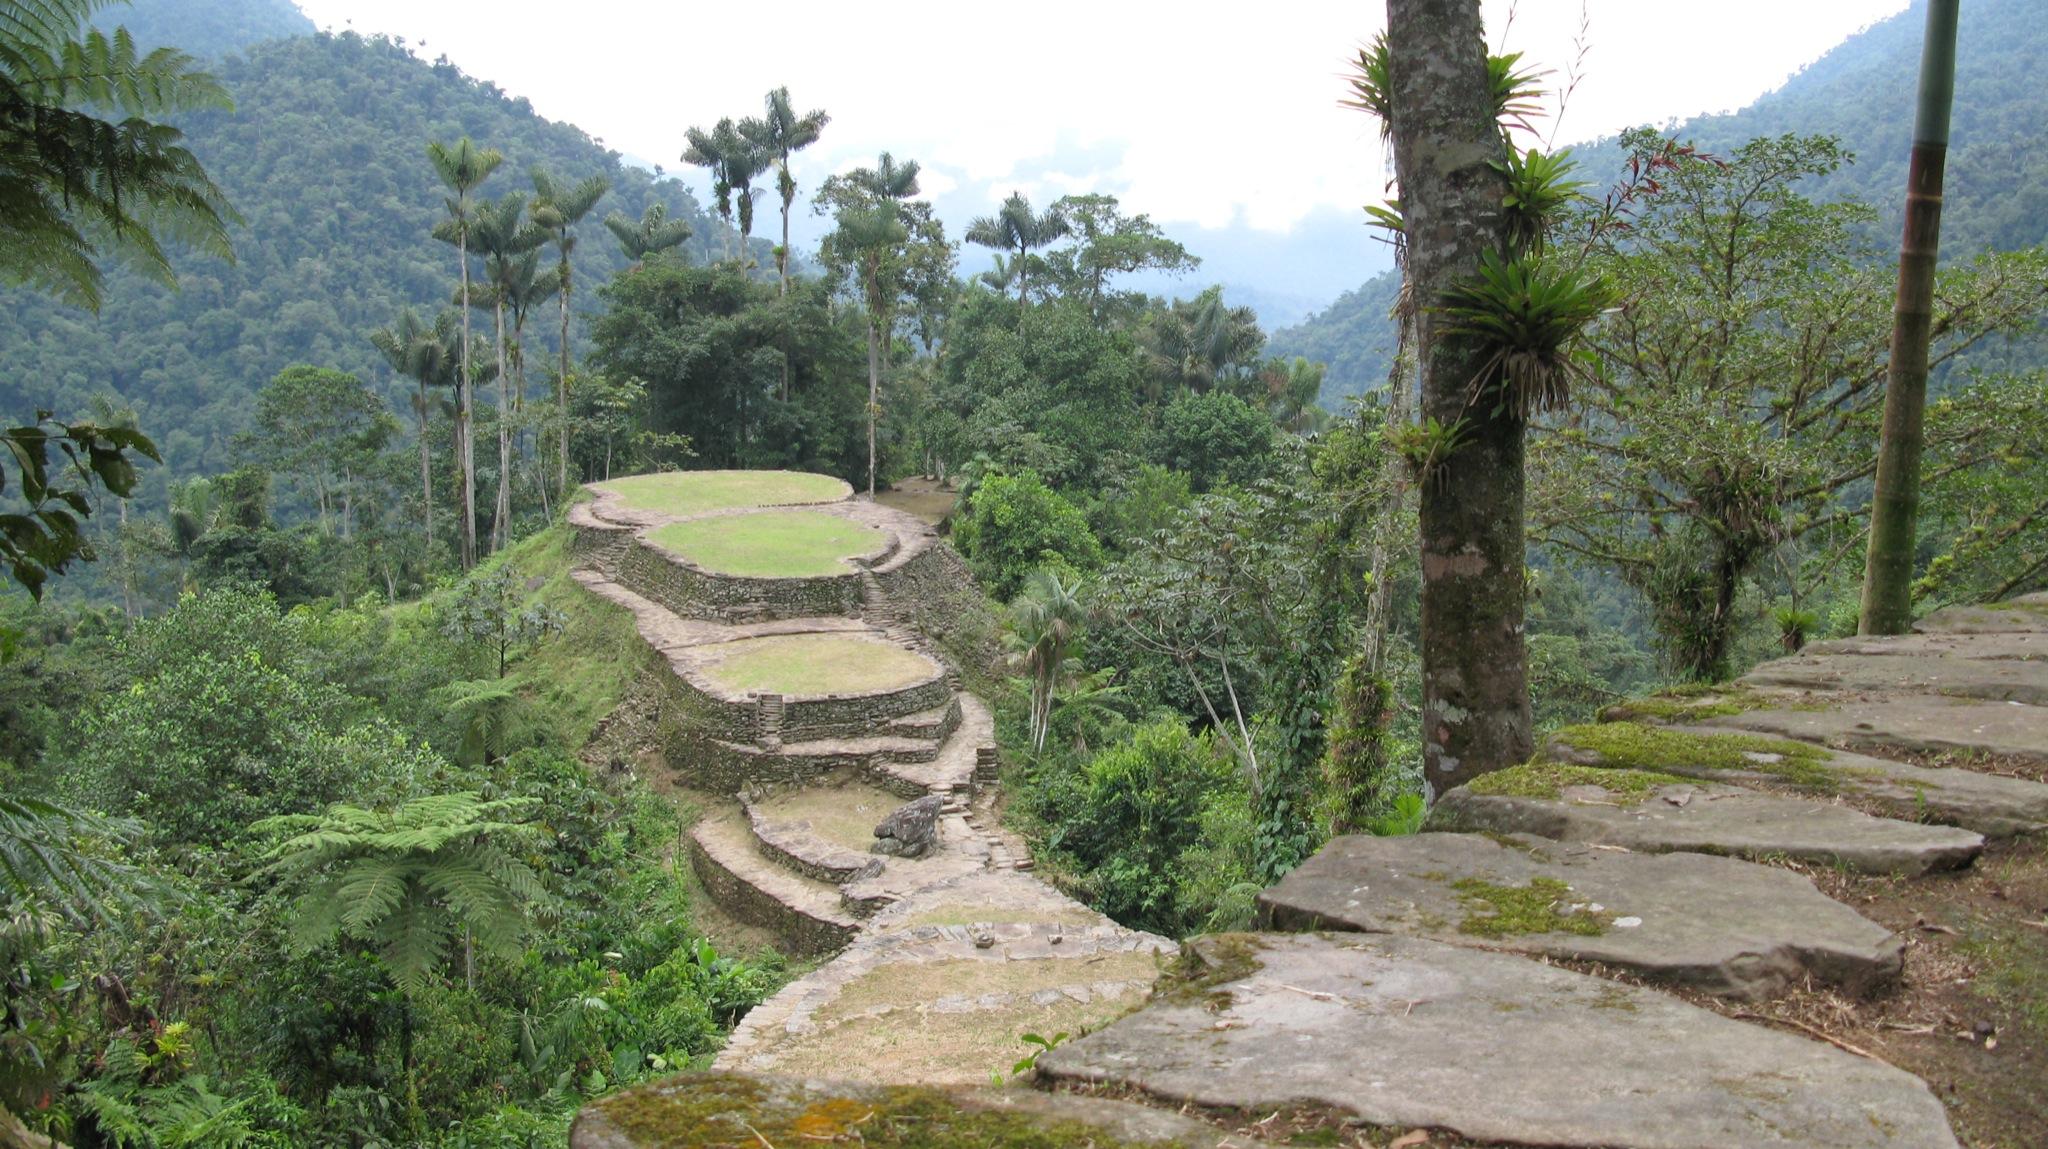 Trekking Ciudad Perdida Santa Marta 10 cosas que debes saber para iniciar la aventura.